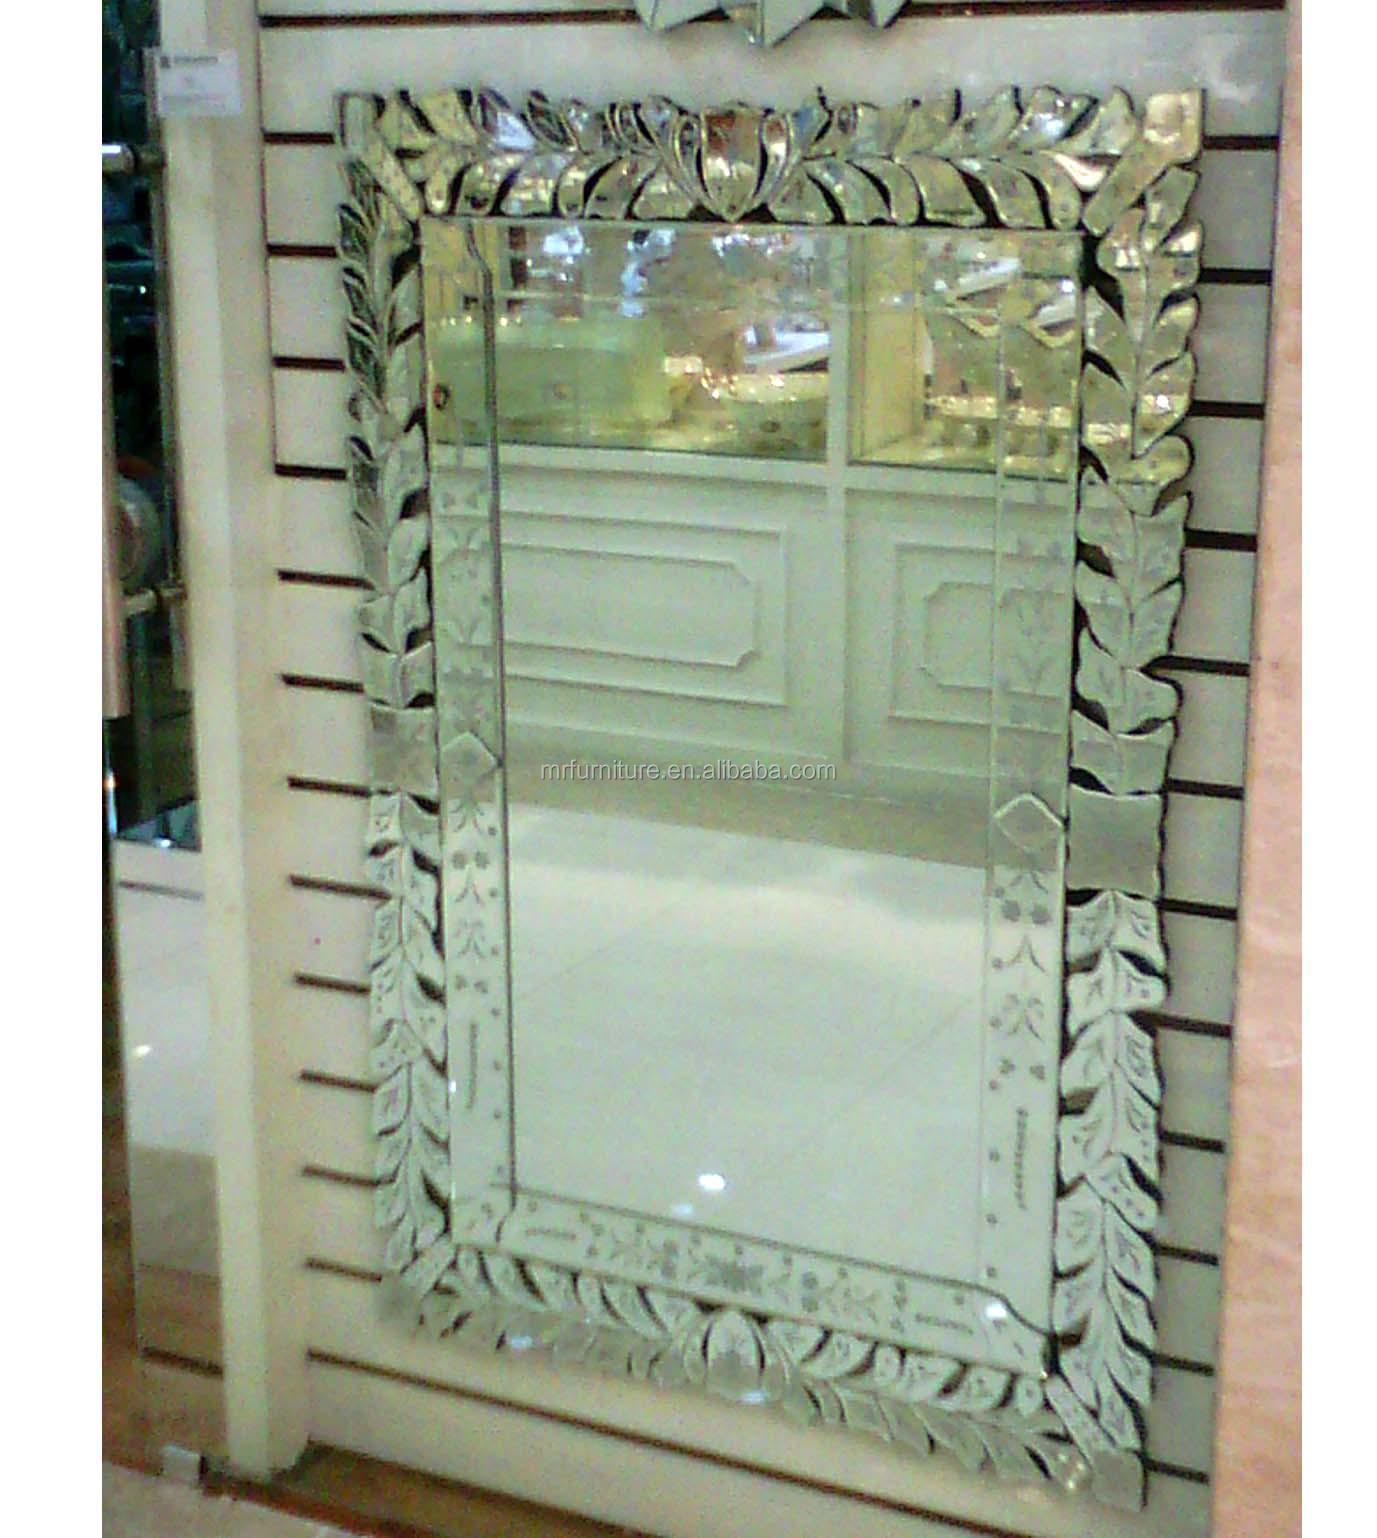 große venezianische Lean spiegel mit blätter blumen-Spiegel-Produkt ...